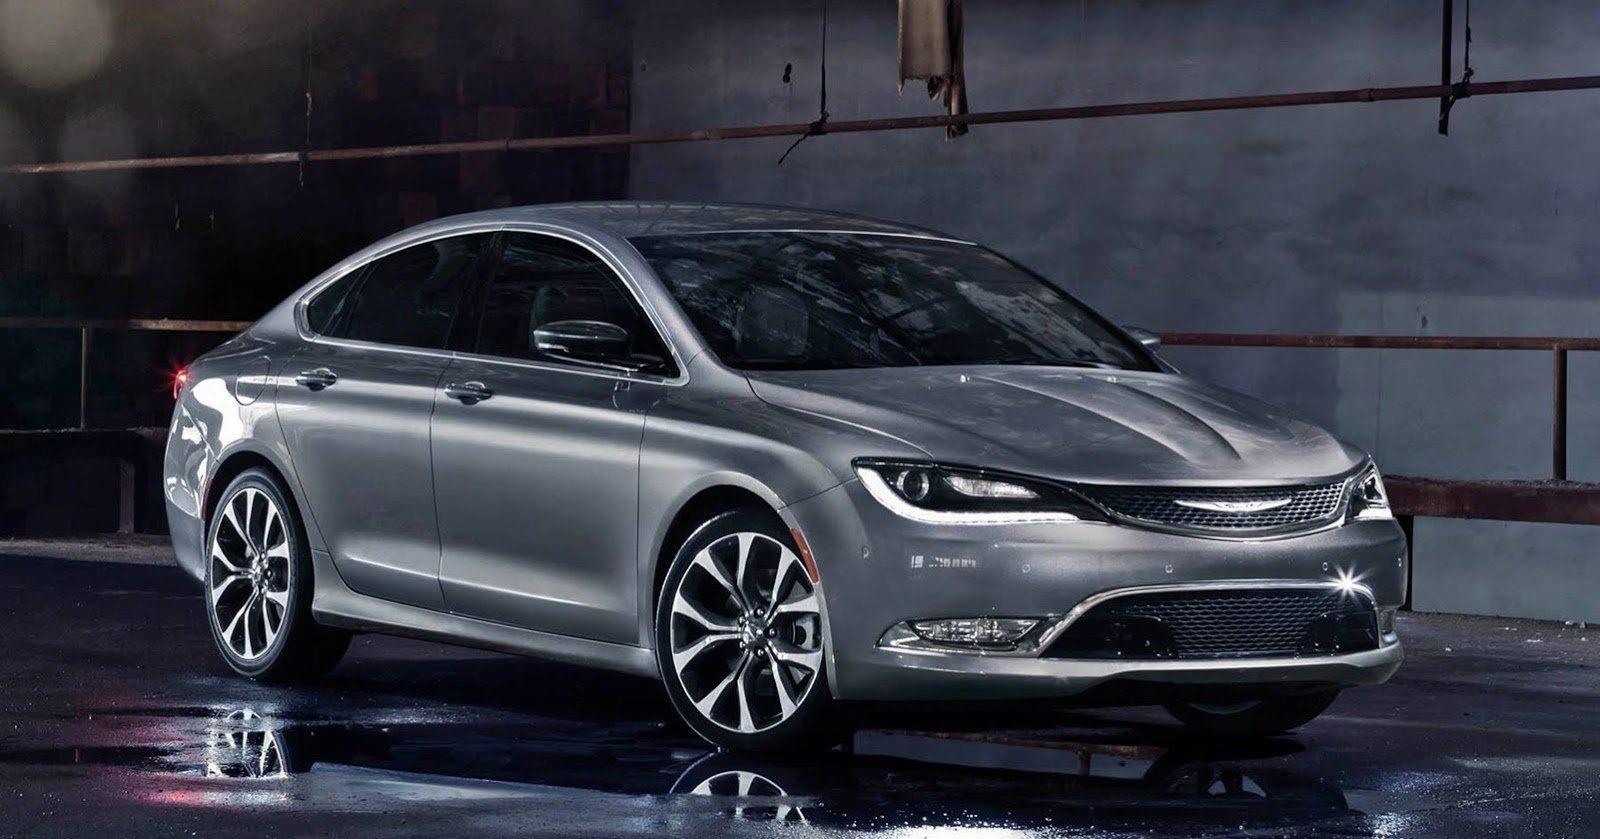 Chrysler 200 2017 >> 2015 Chrysler 200 – new American D-segment sedan Image 221174